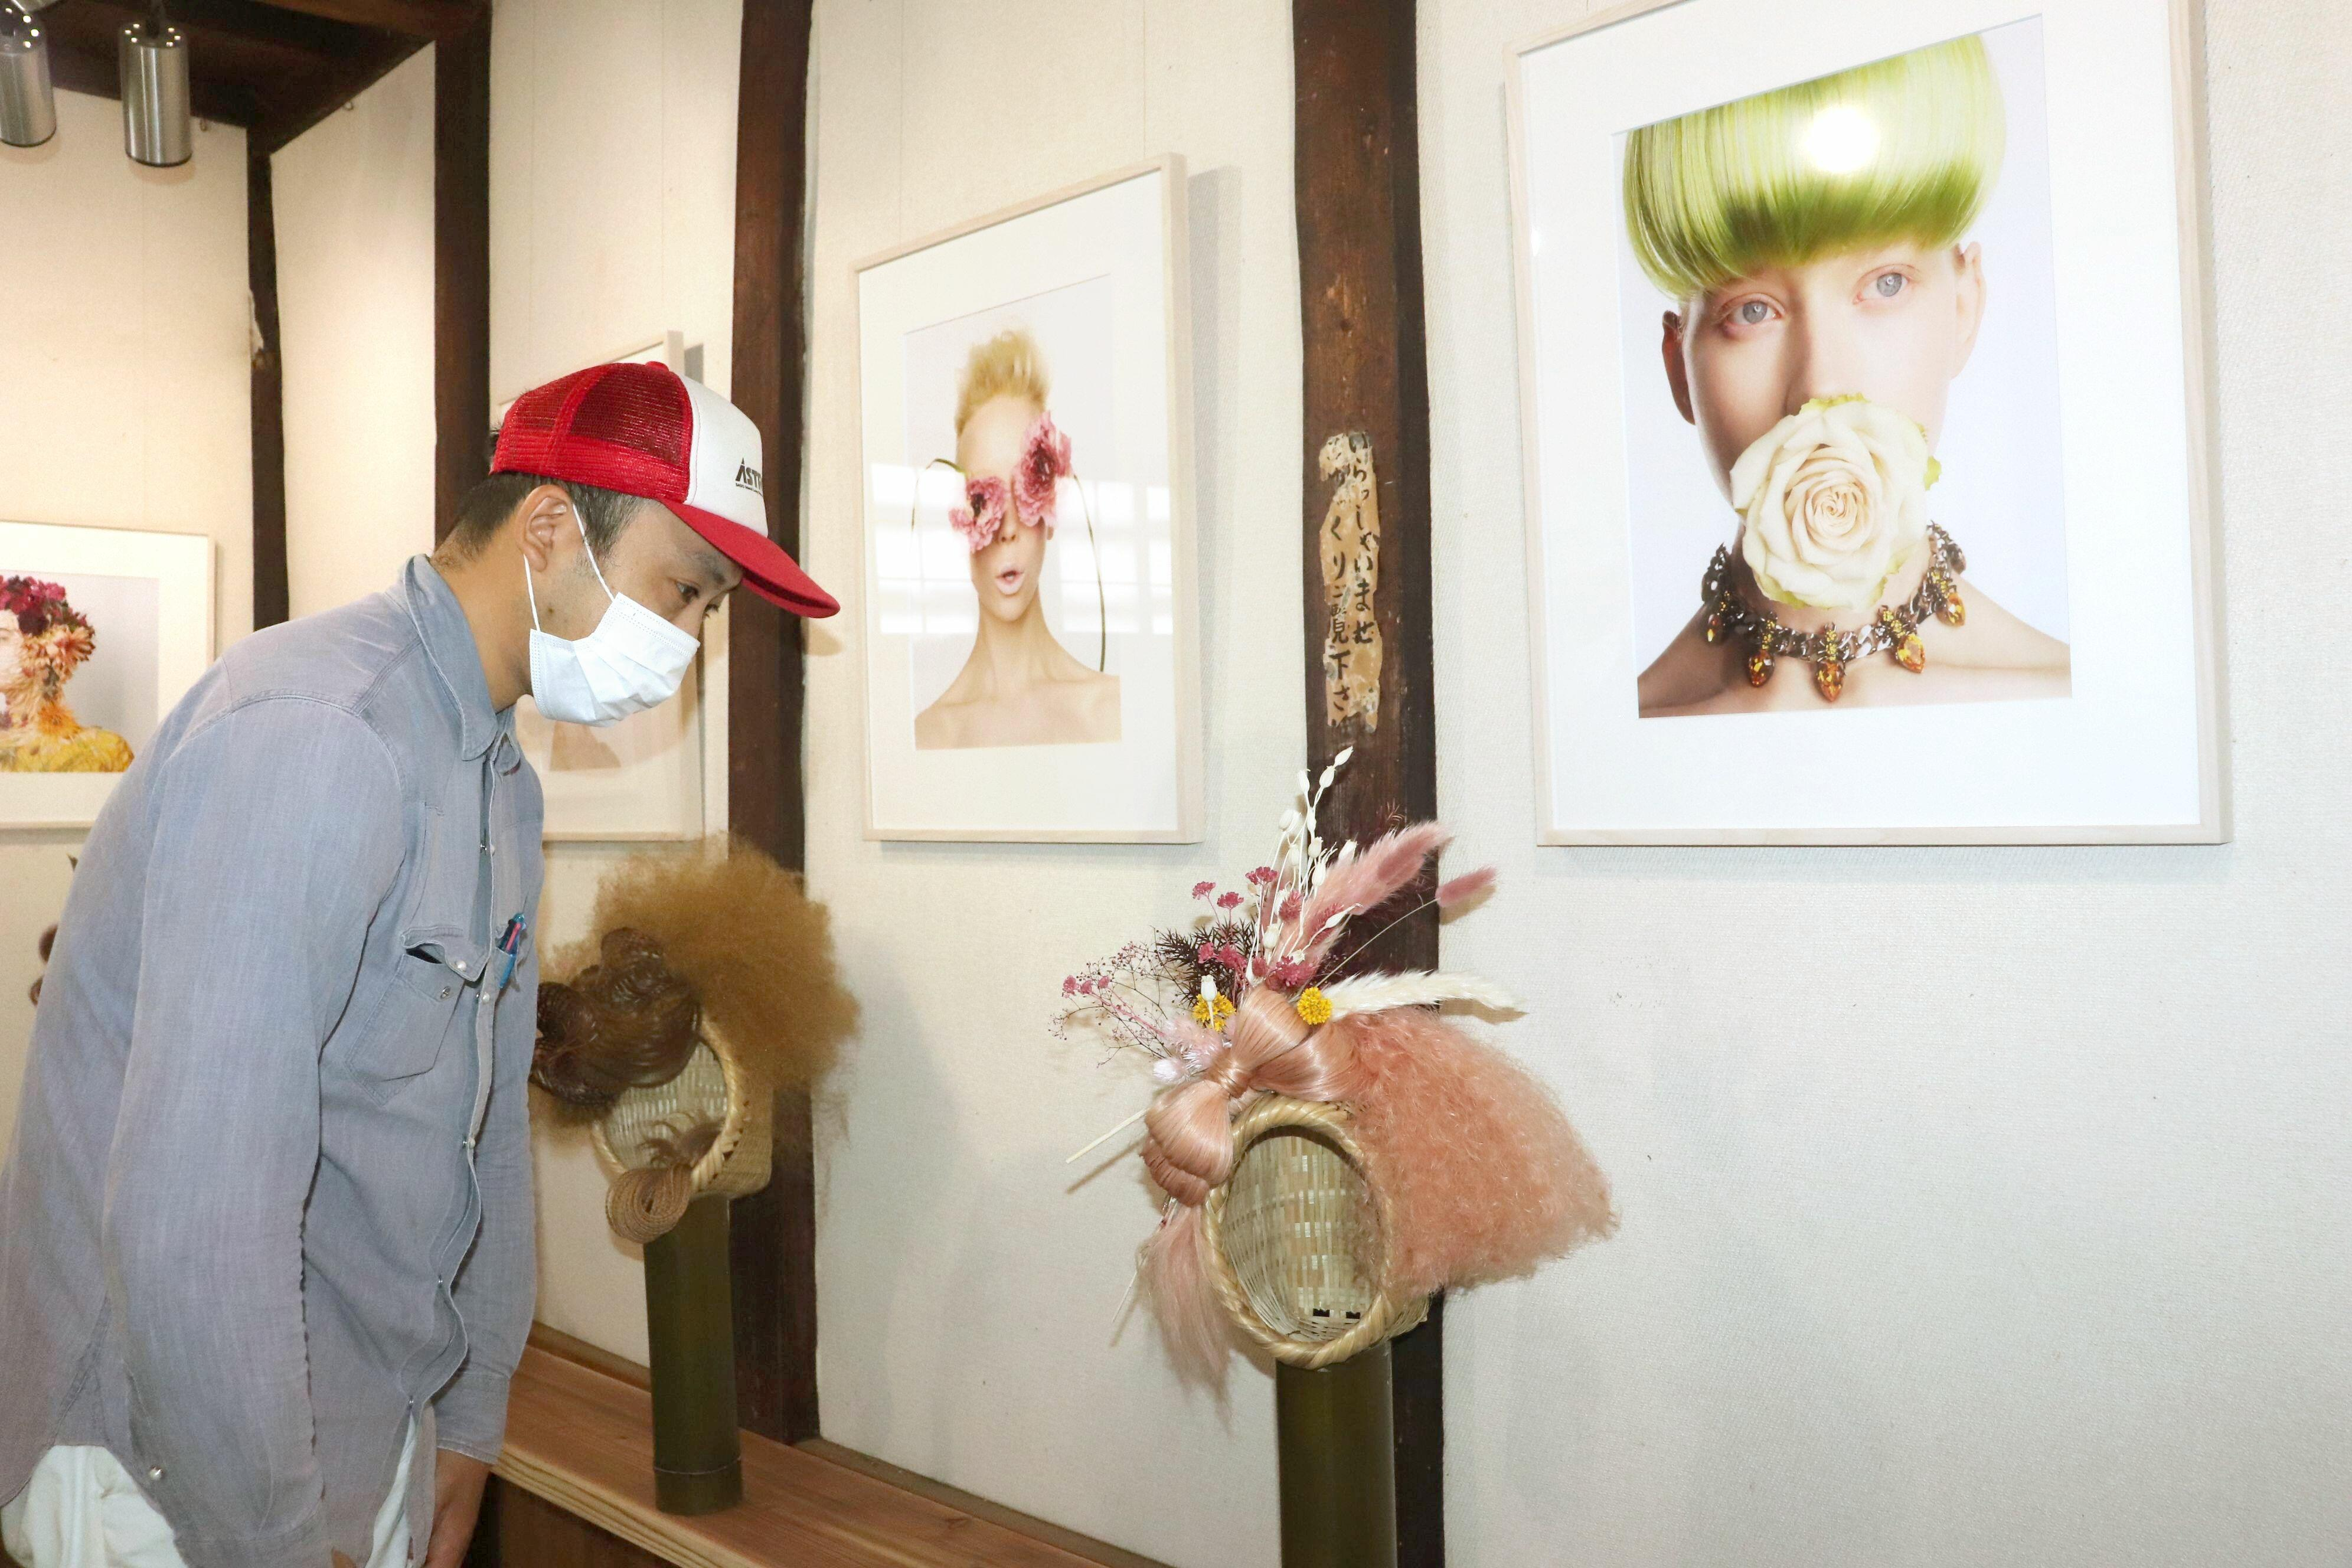 佐渡の竹籠を使った計良宏文さんの個性豊かなヘアメーク作品。写真家・華道家の勅使河原城一さんと生花を使って作成したヘアメークの写真も展示されている=佐渡市金井新保の大慶寺